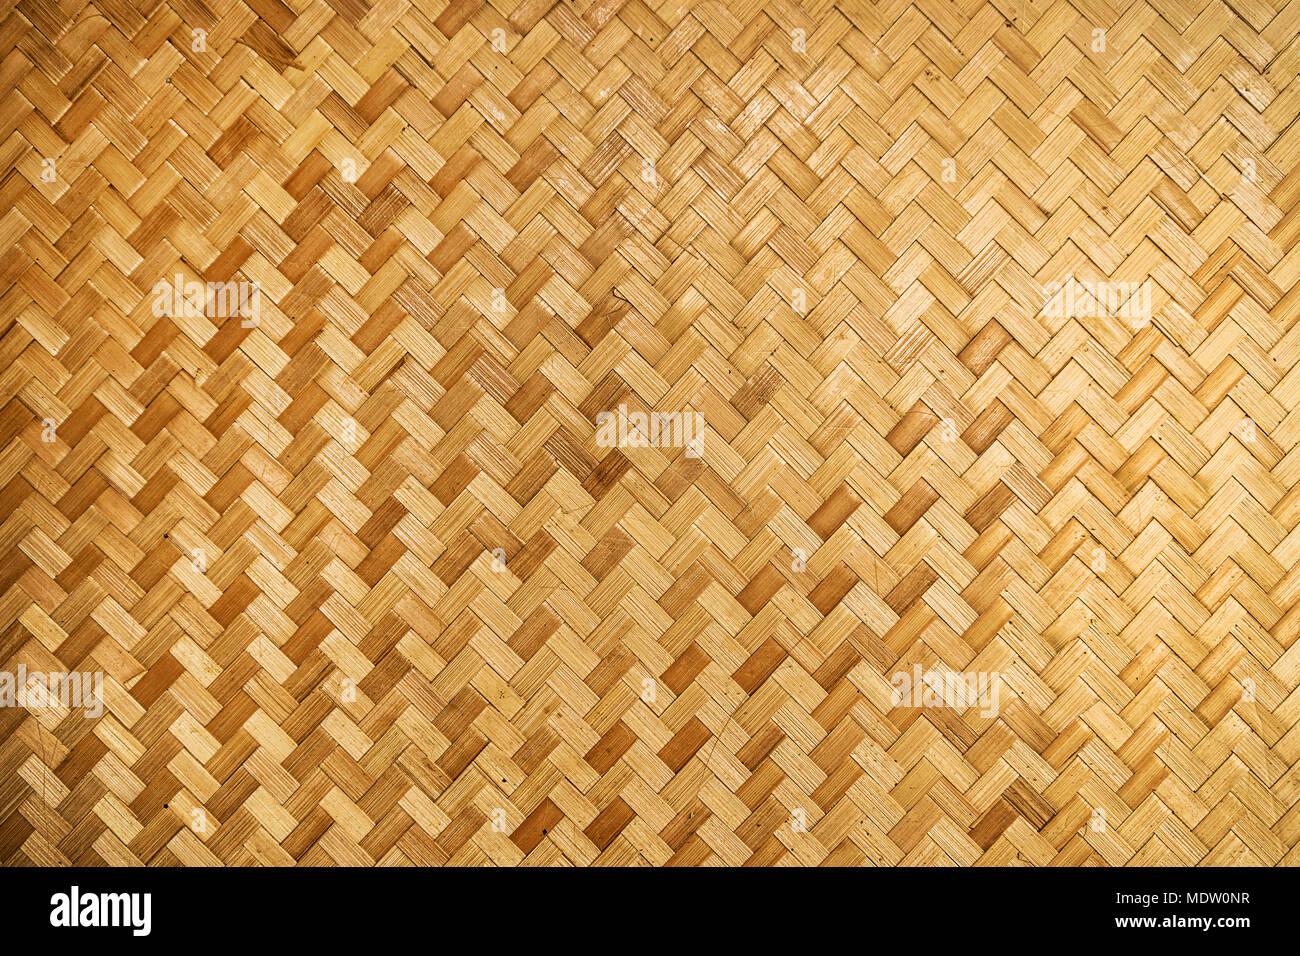 Woven Wood Pattern Background Yellow Woven Bamboo Wall Stock Photo